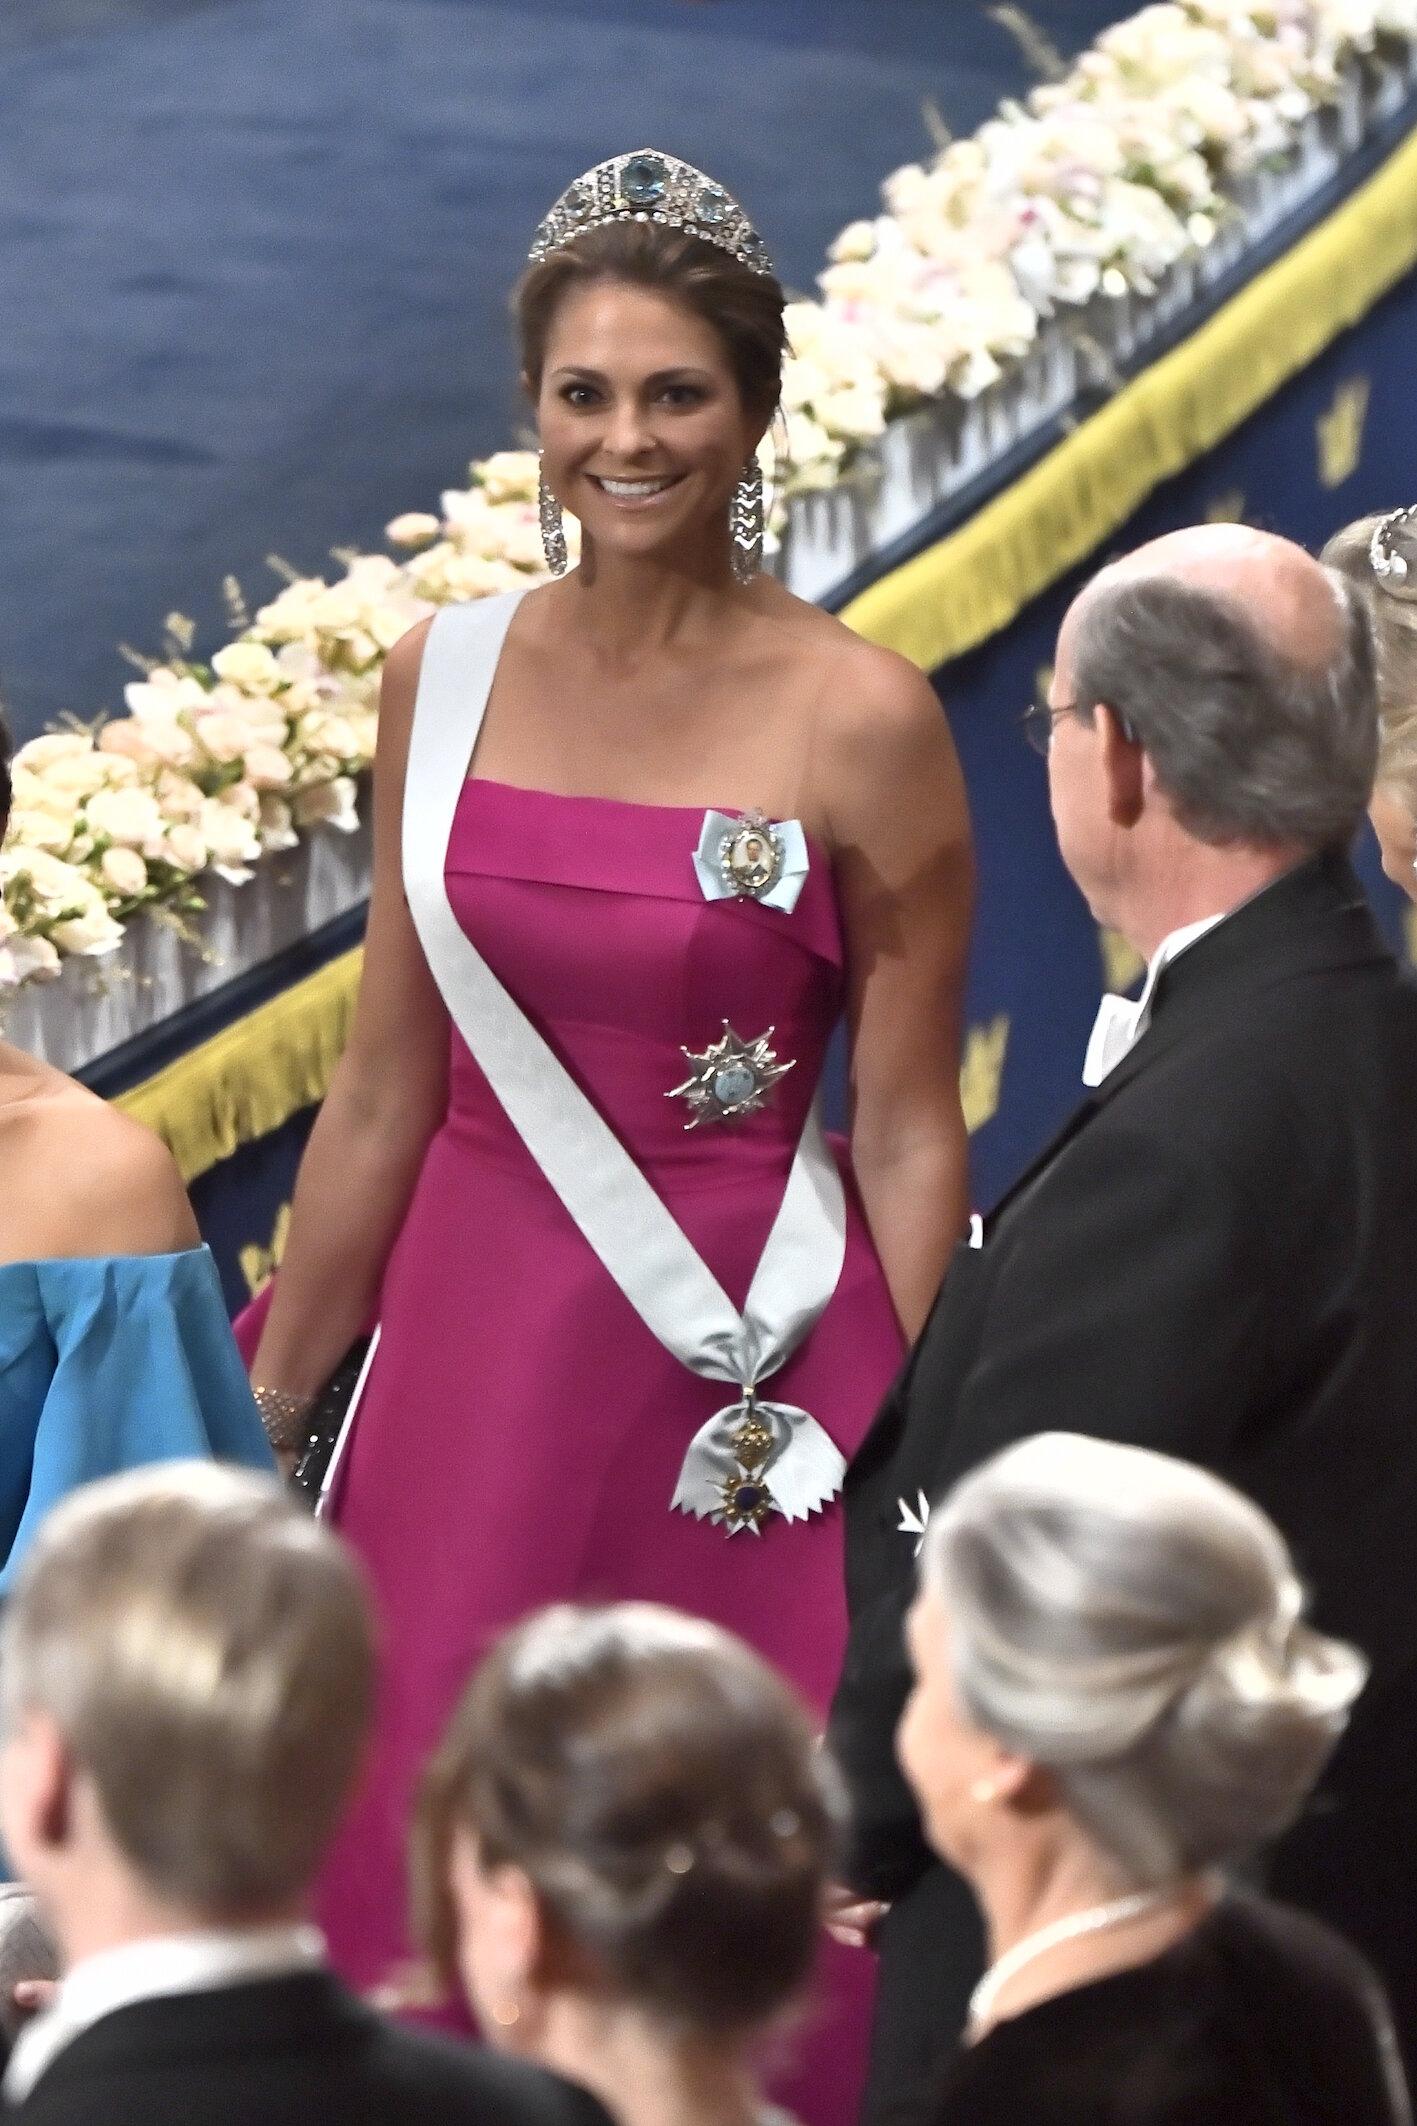 Prinzessin Madeleine sah in ihrem pinkfarbenem Kleid einfach wunderschön aus.  © picture alliance/TT NEWS AGENCY